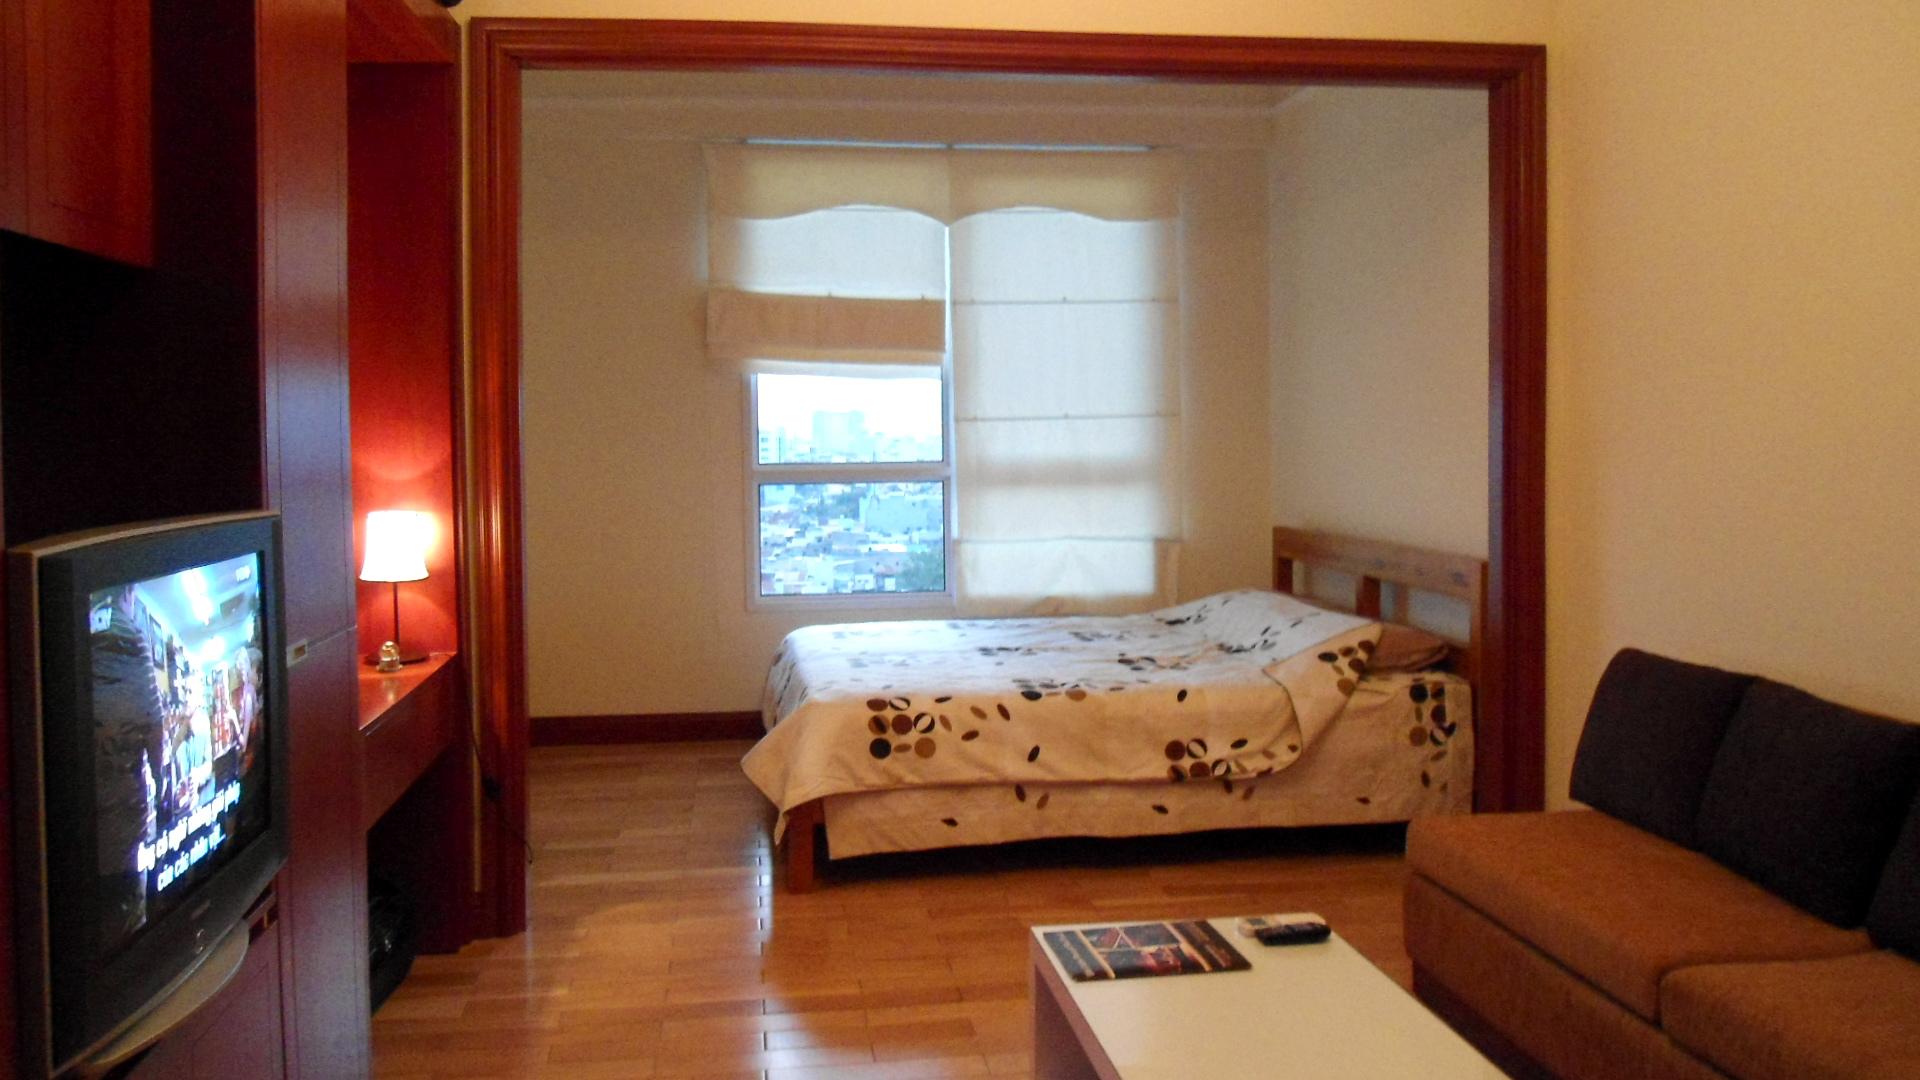 Cheap Small Apartments For Rent Novocom Top